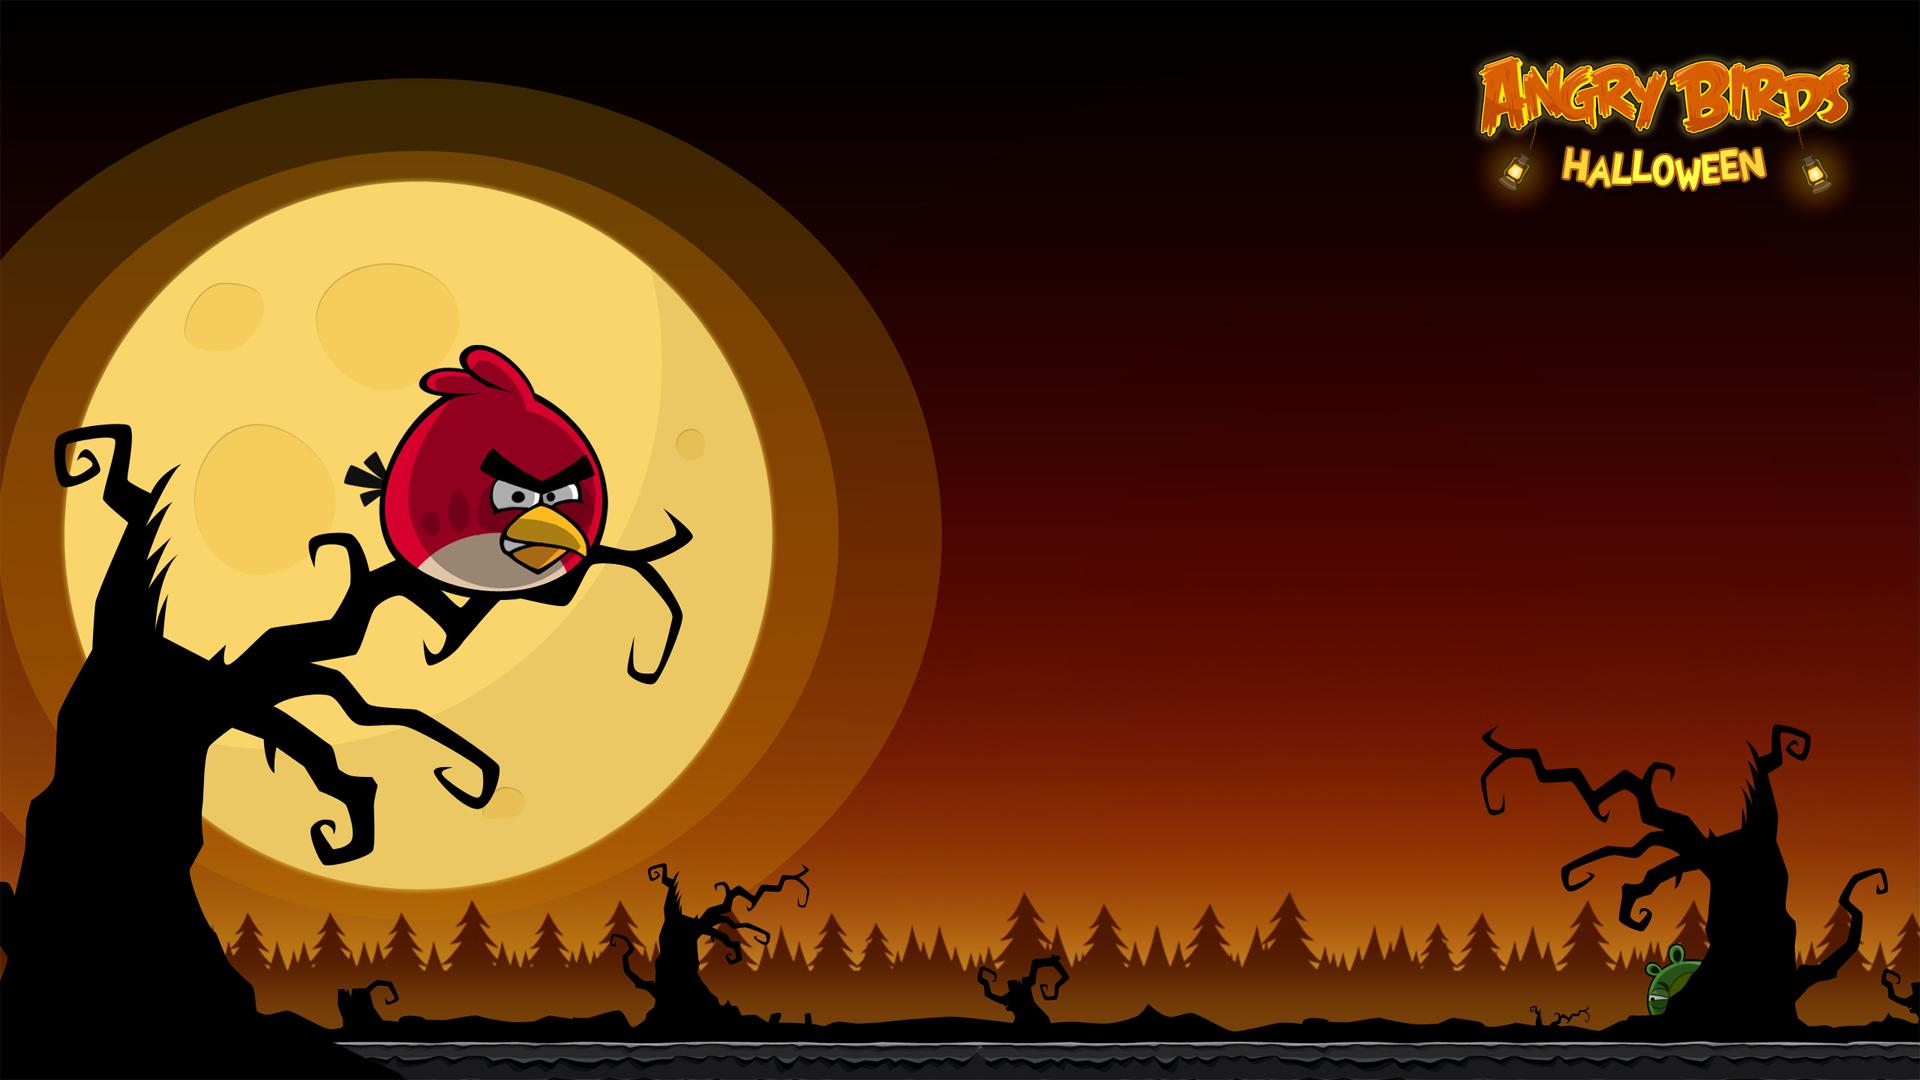 Angry Birds Halloween iPhone & Desktop Backgrounds | AngryBirdsNest